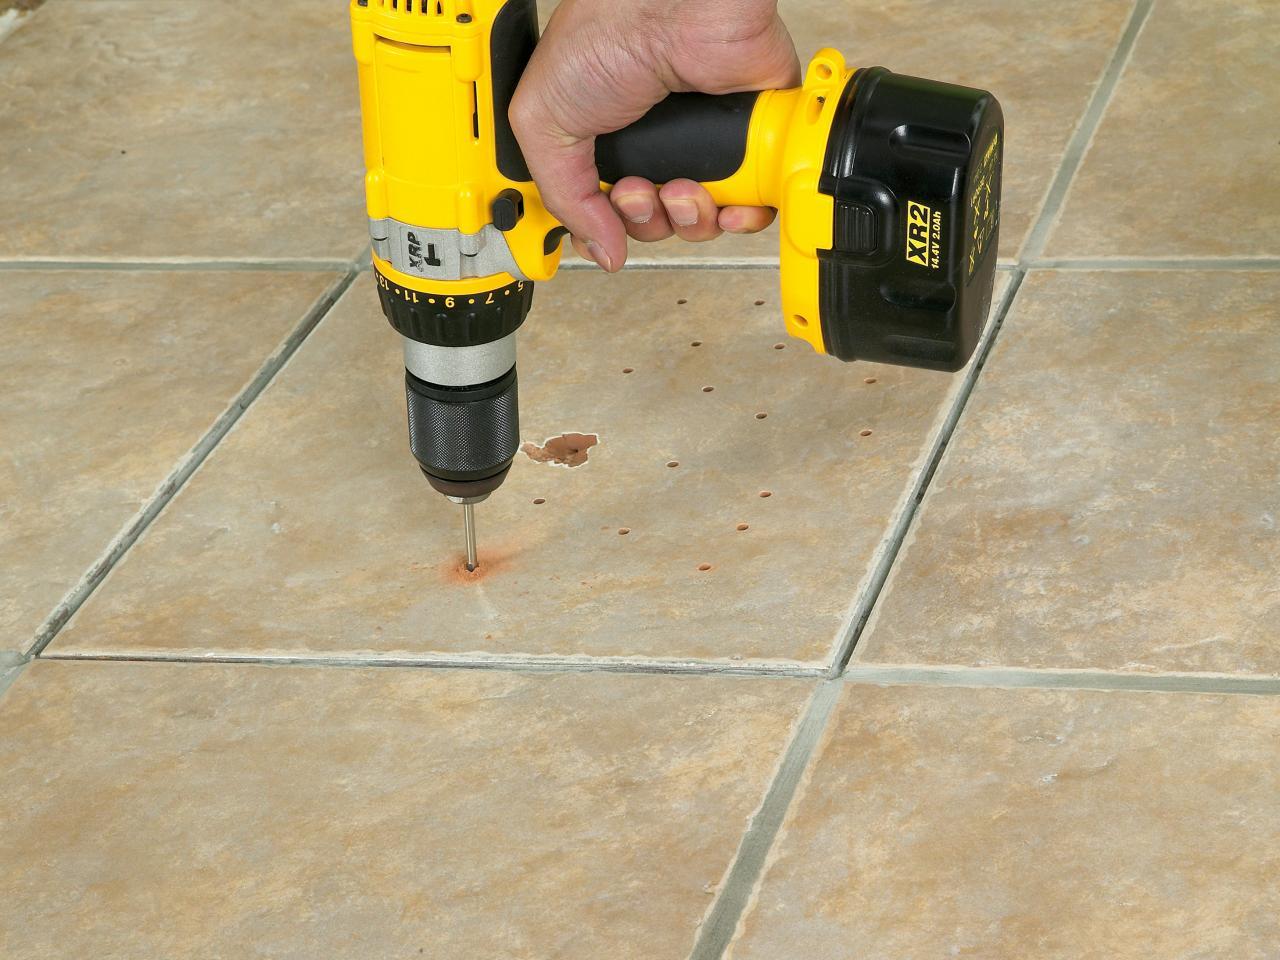 Способы сверления плитки без сколов: правила и рекомендации